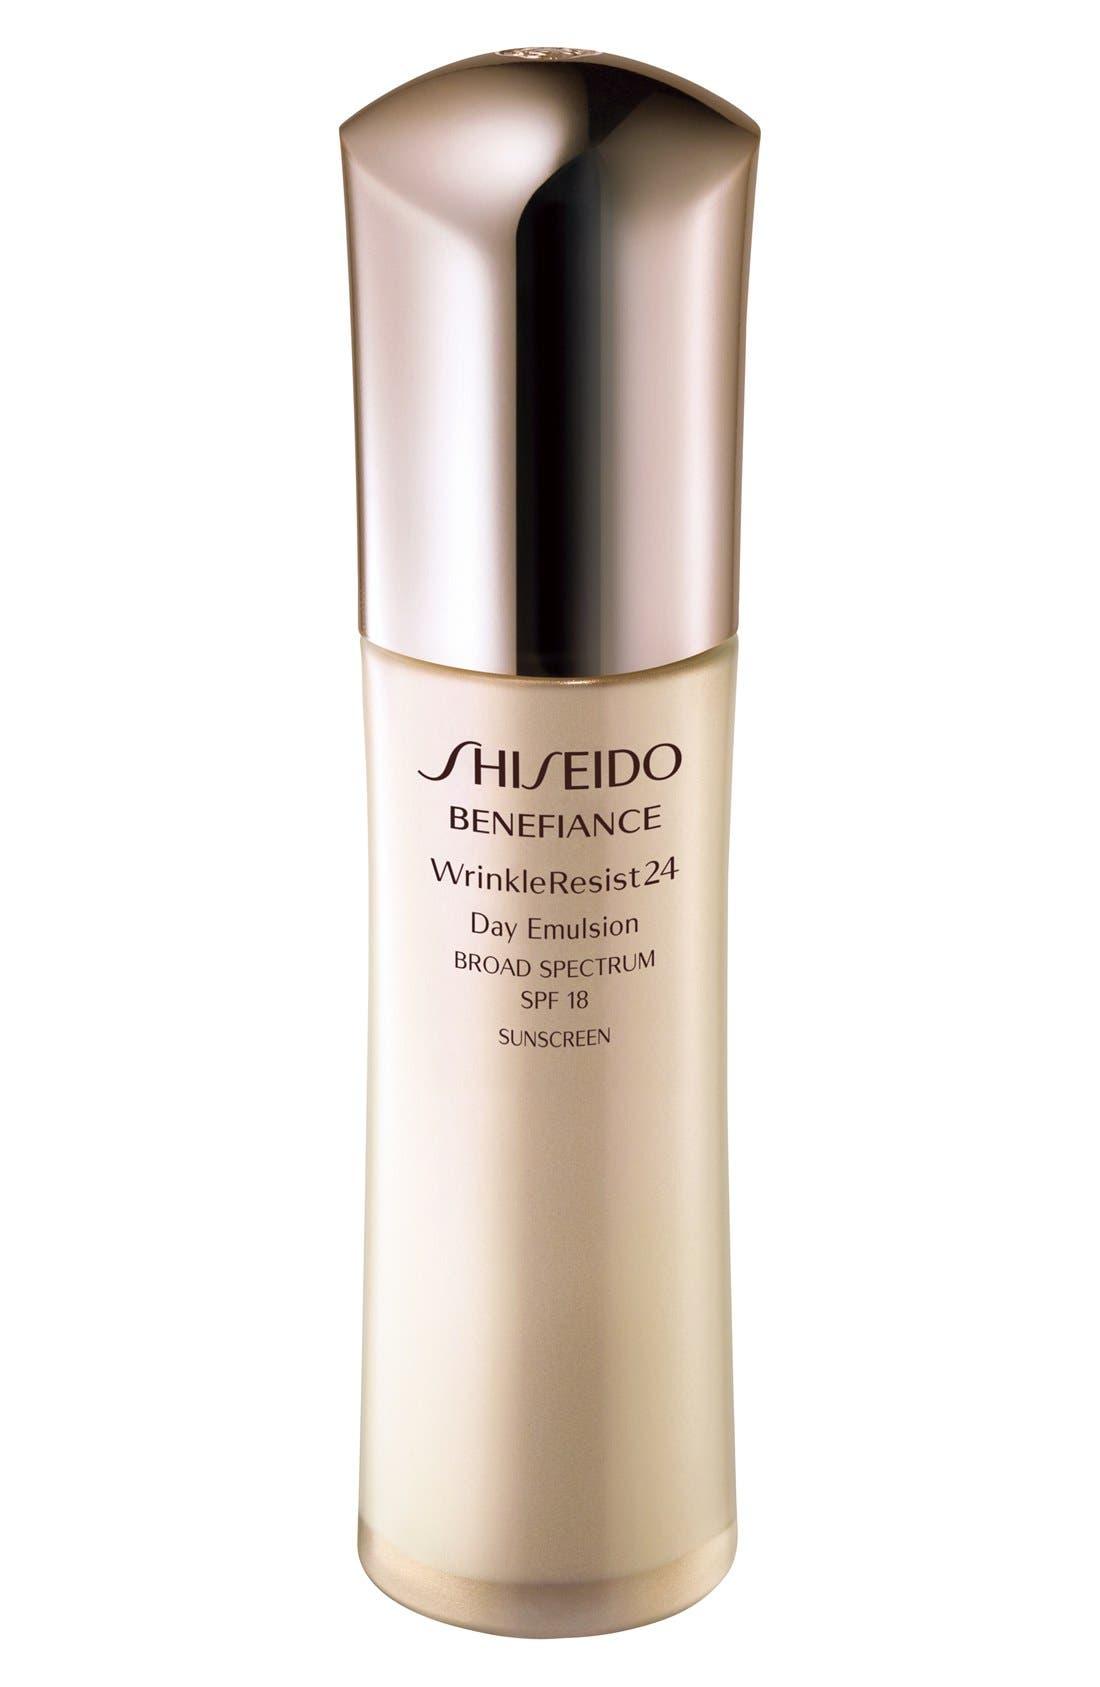 Shiseido 'Benefiance WrinkleResist24' Day Emulsion SPF 18